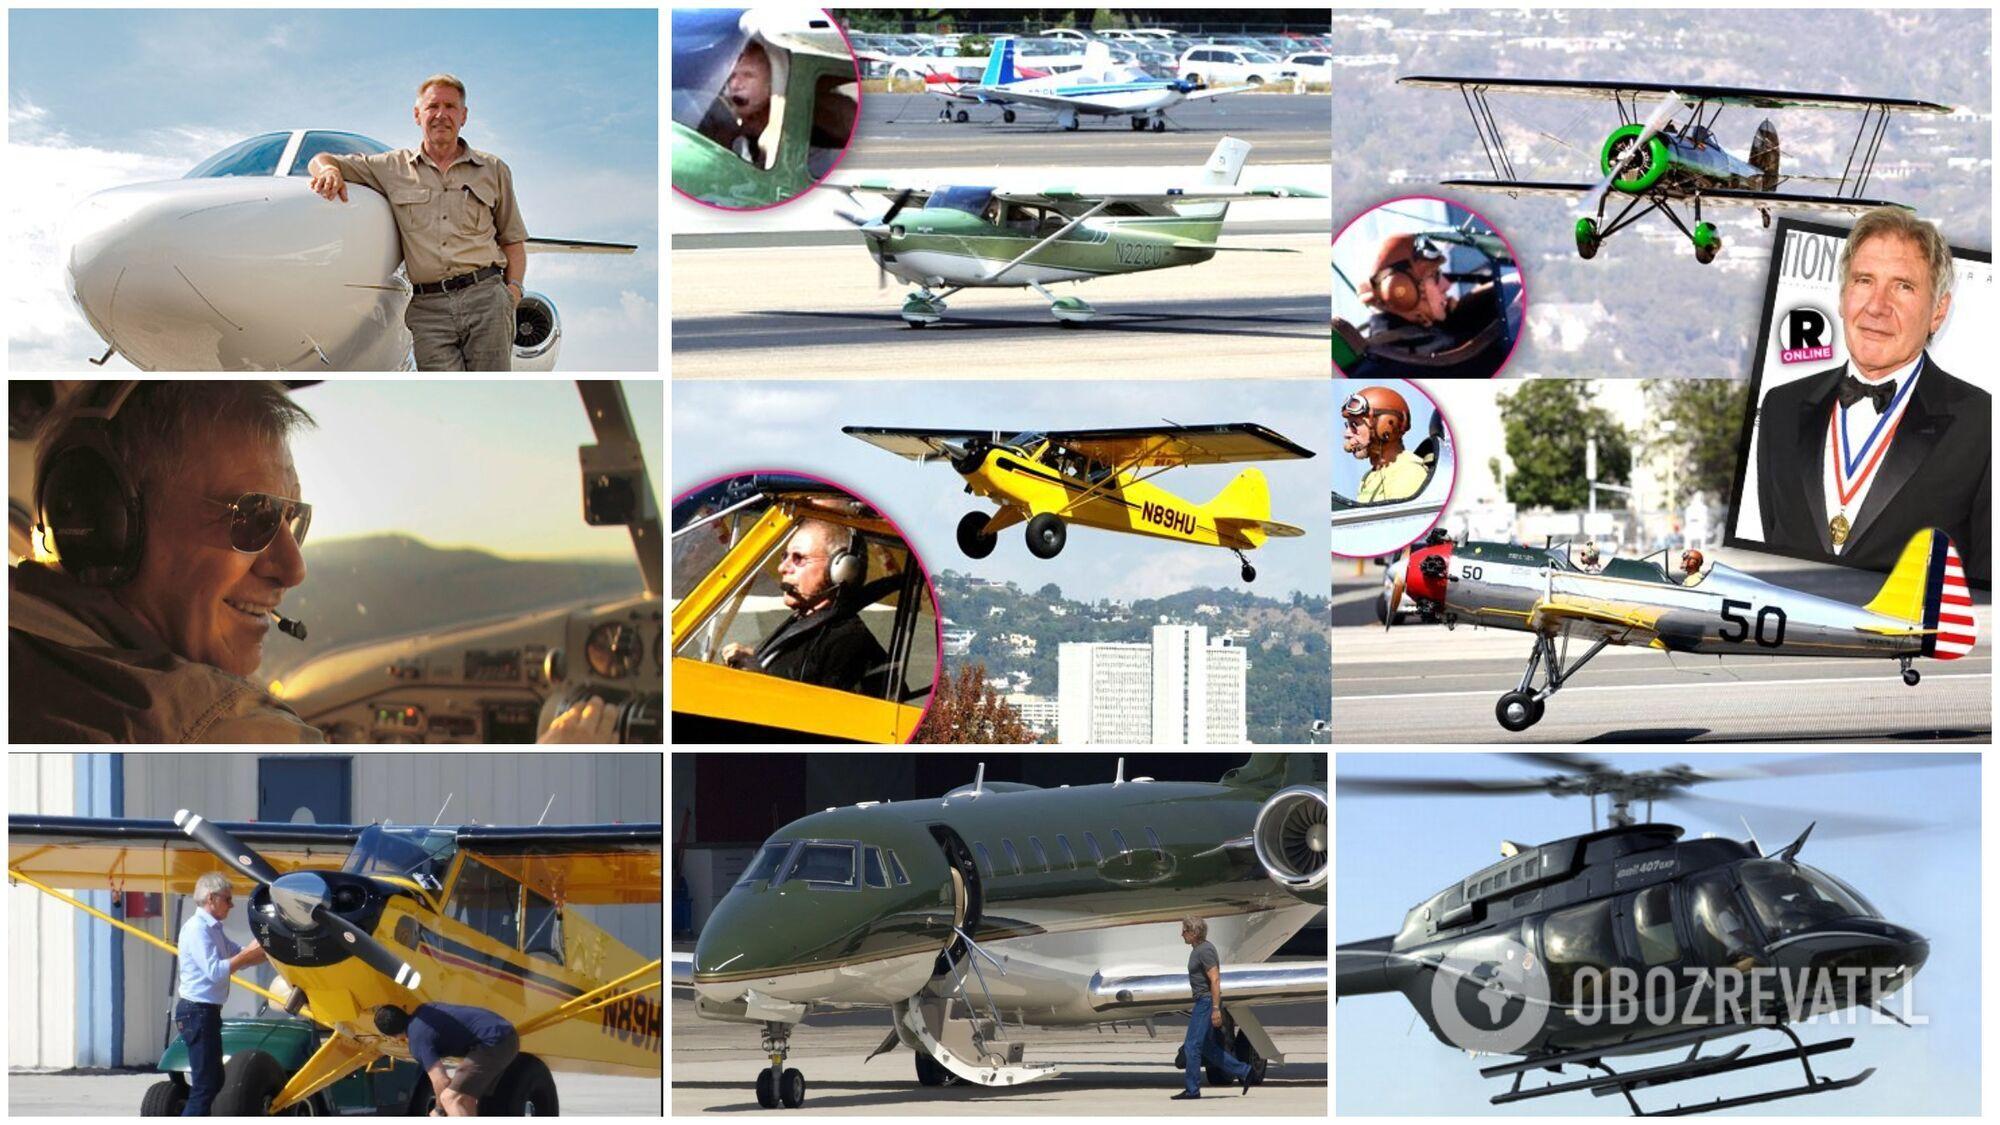 Гаррісон Форд володіє шістьма літаками і одним вертольотом